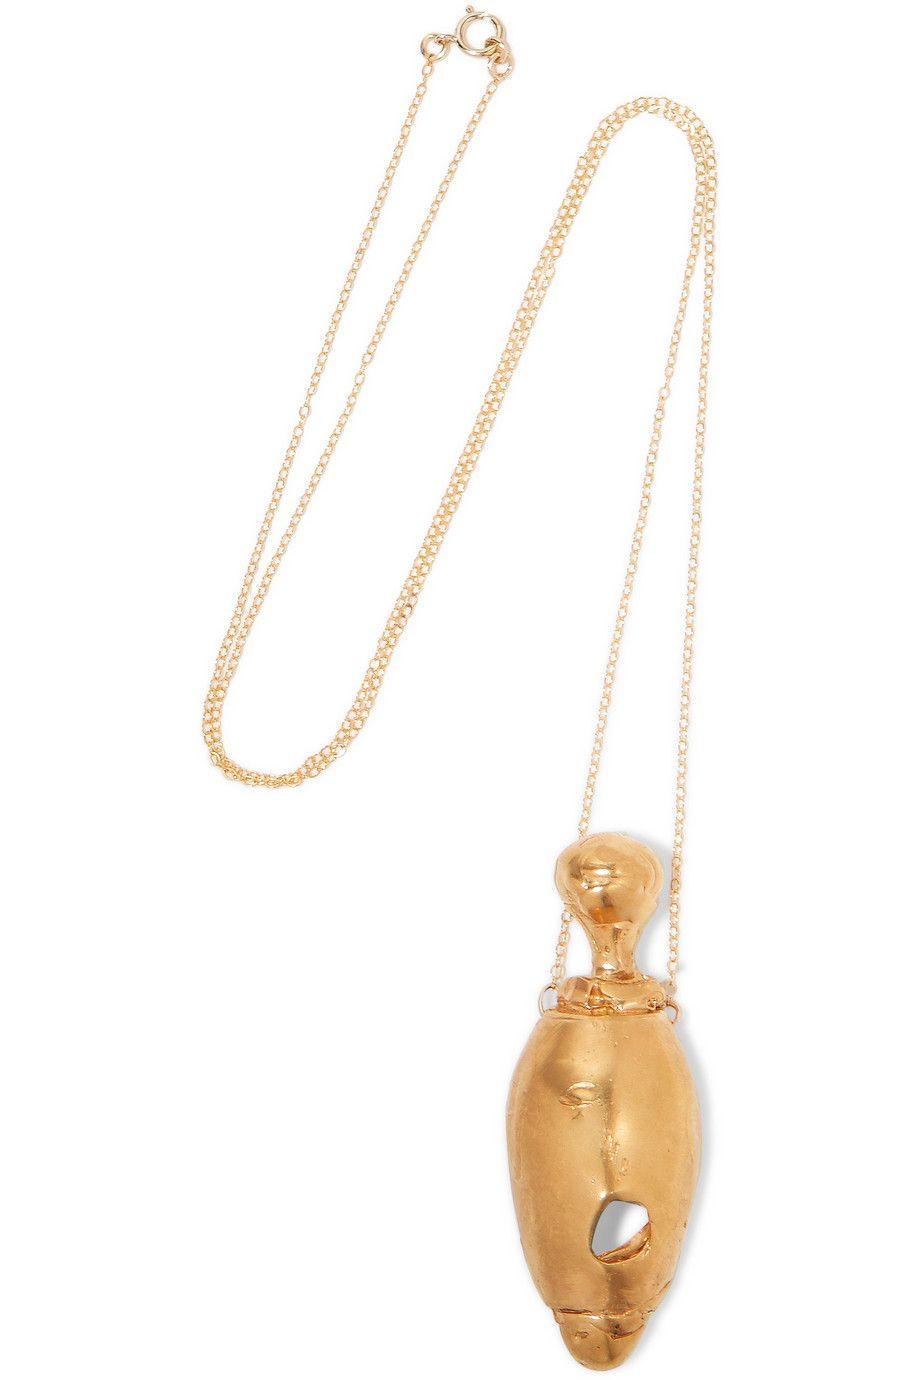 ALIGHIERI La Francesca Gold-plated Necklace DLqK7pxMZ